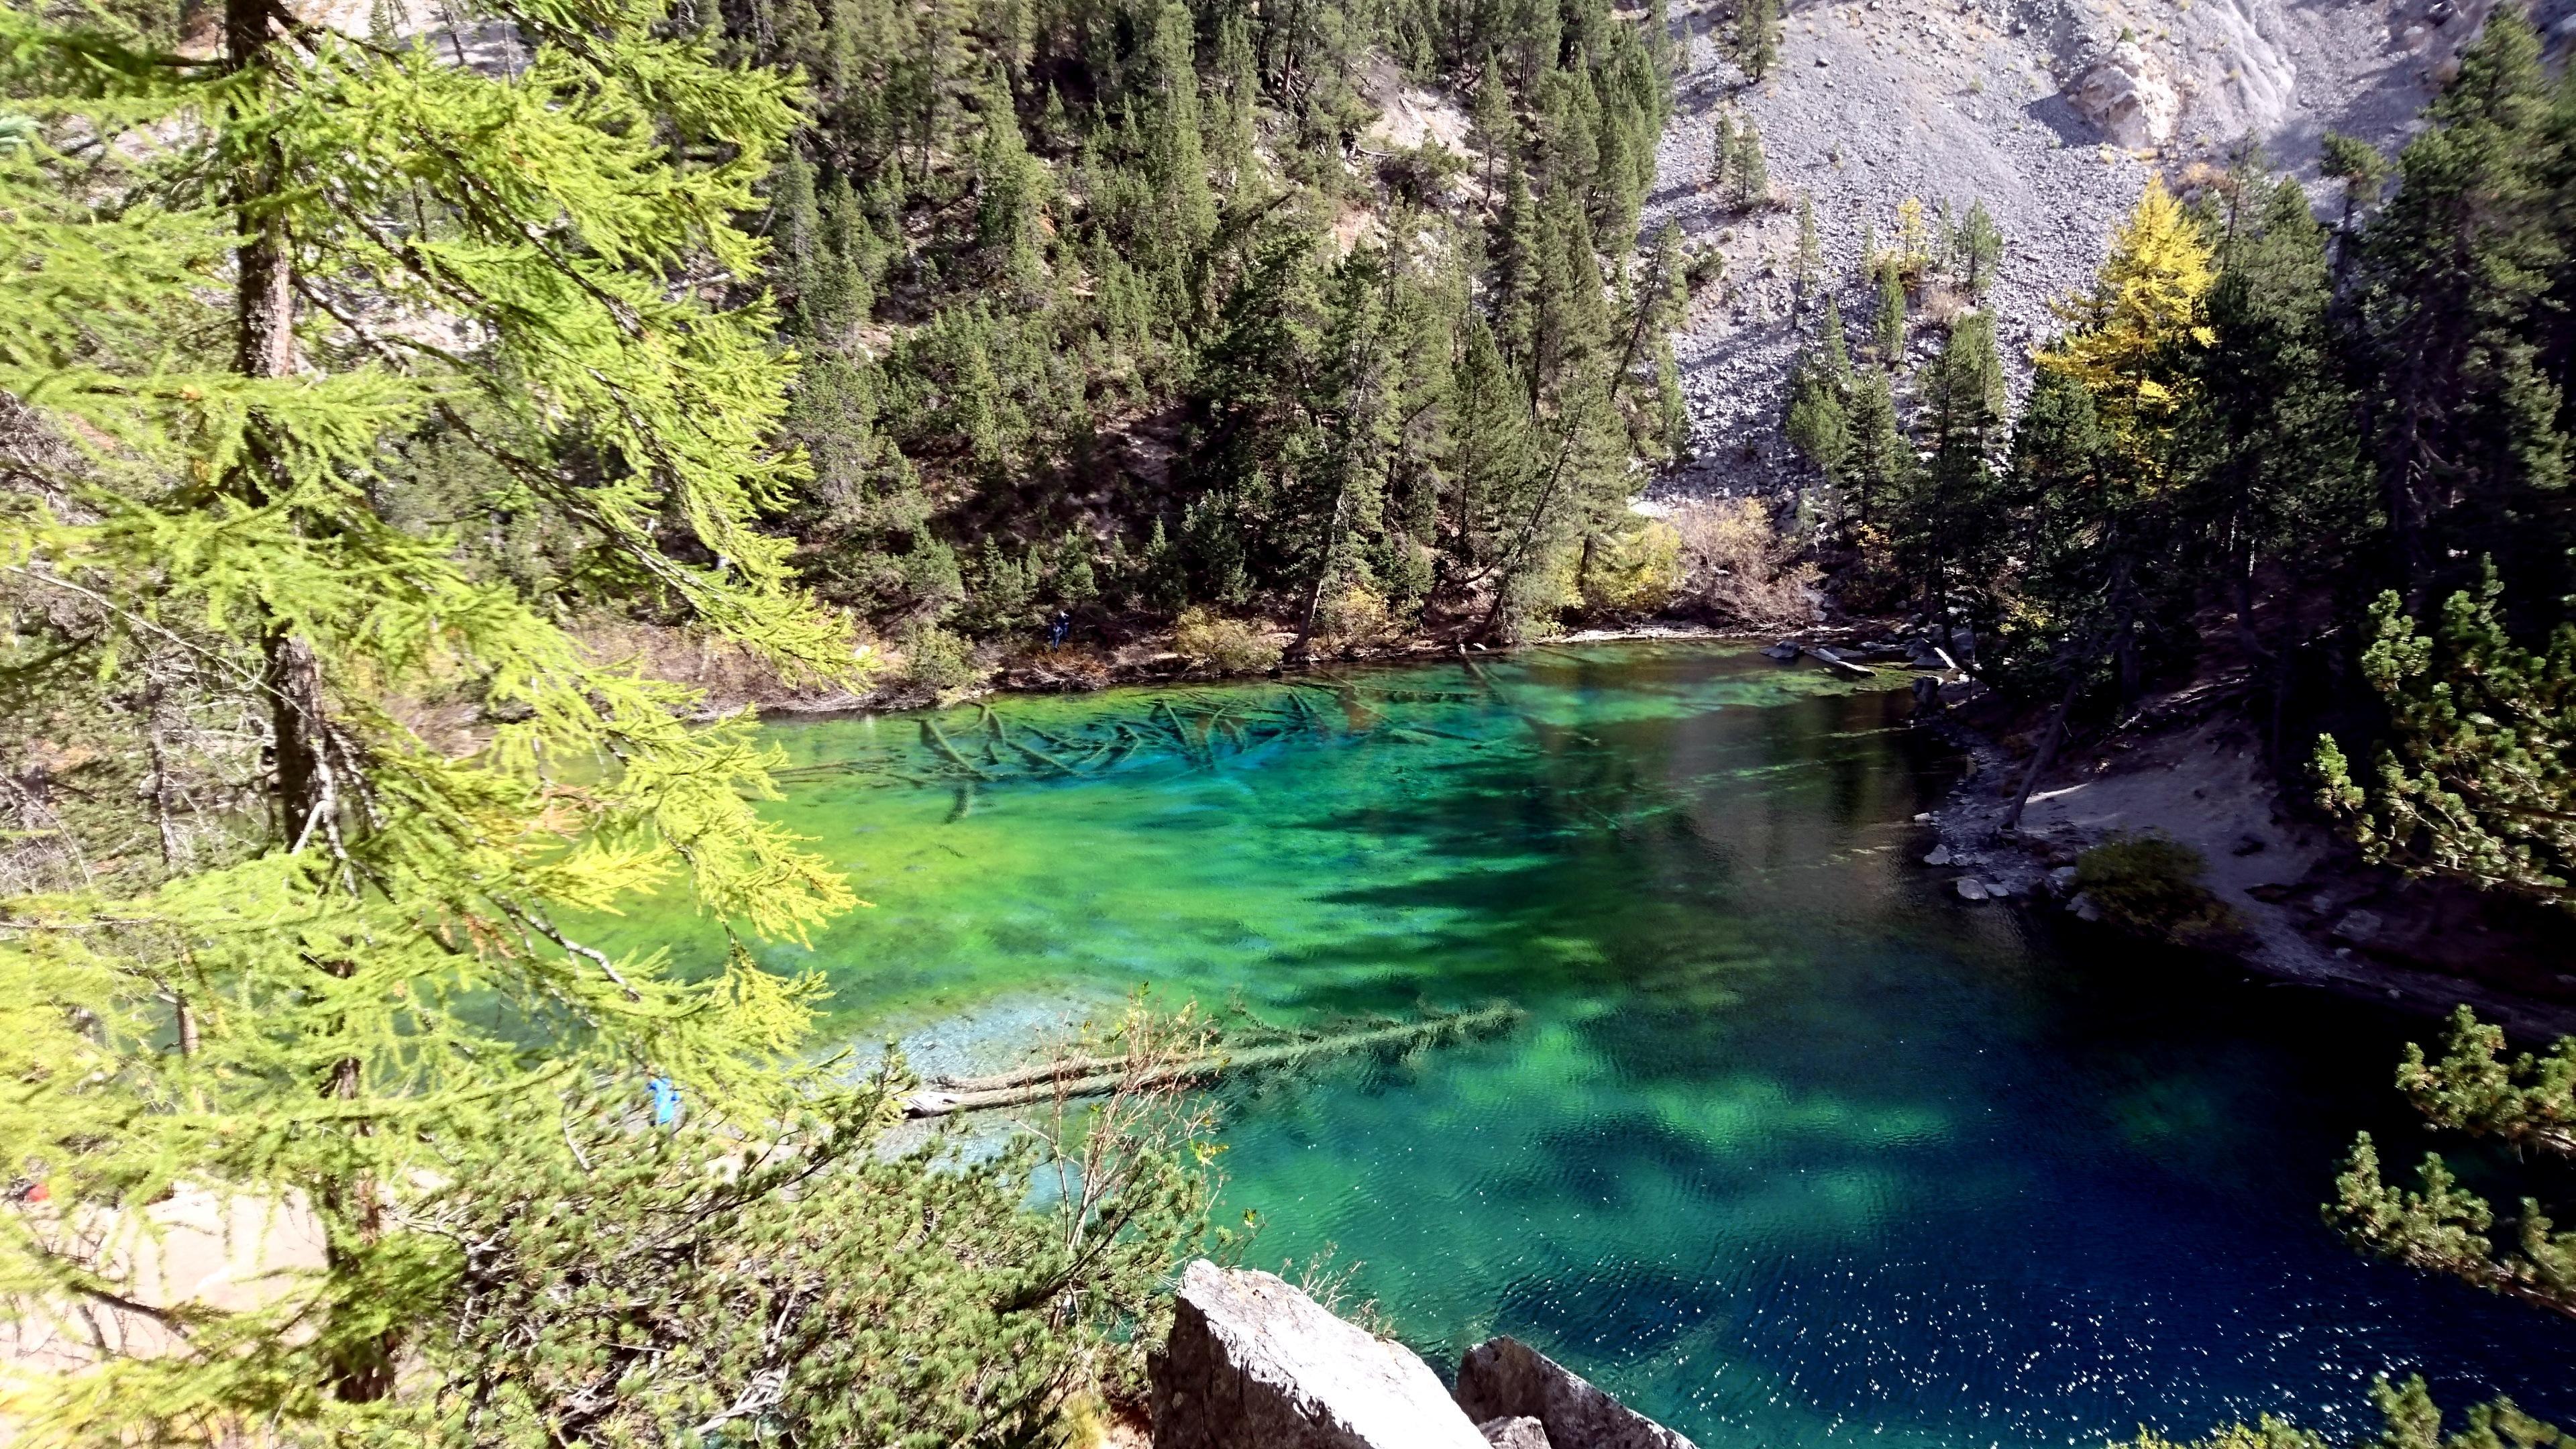 Scorcio dello splendido lago Verde, il cui colore caratteristico è dato dai licheni presenti sul fondo